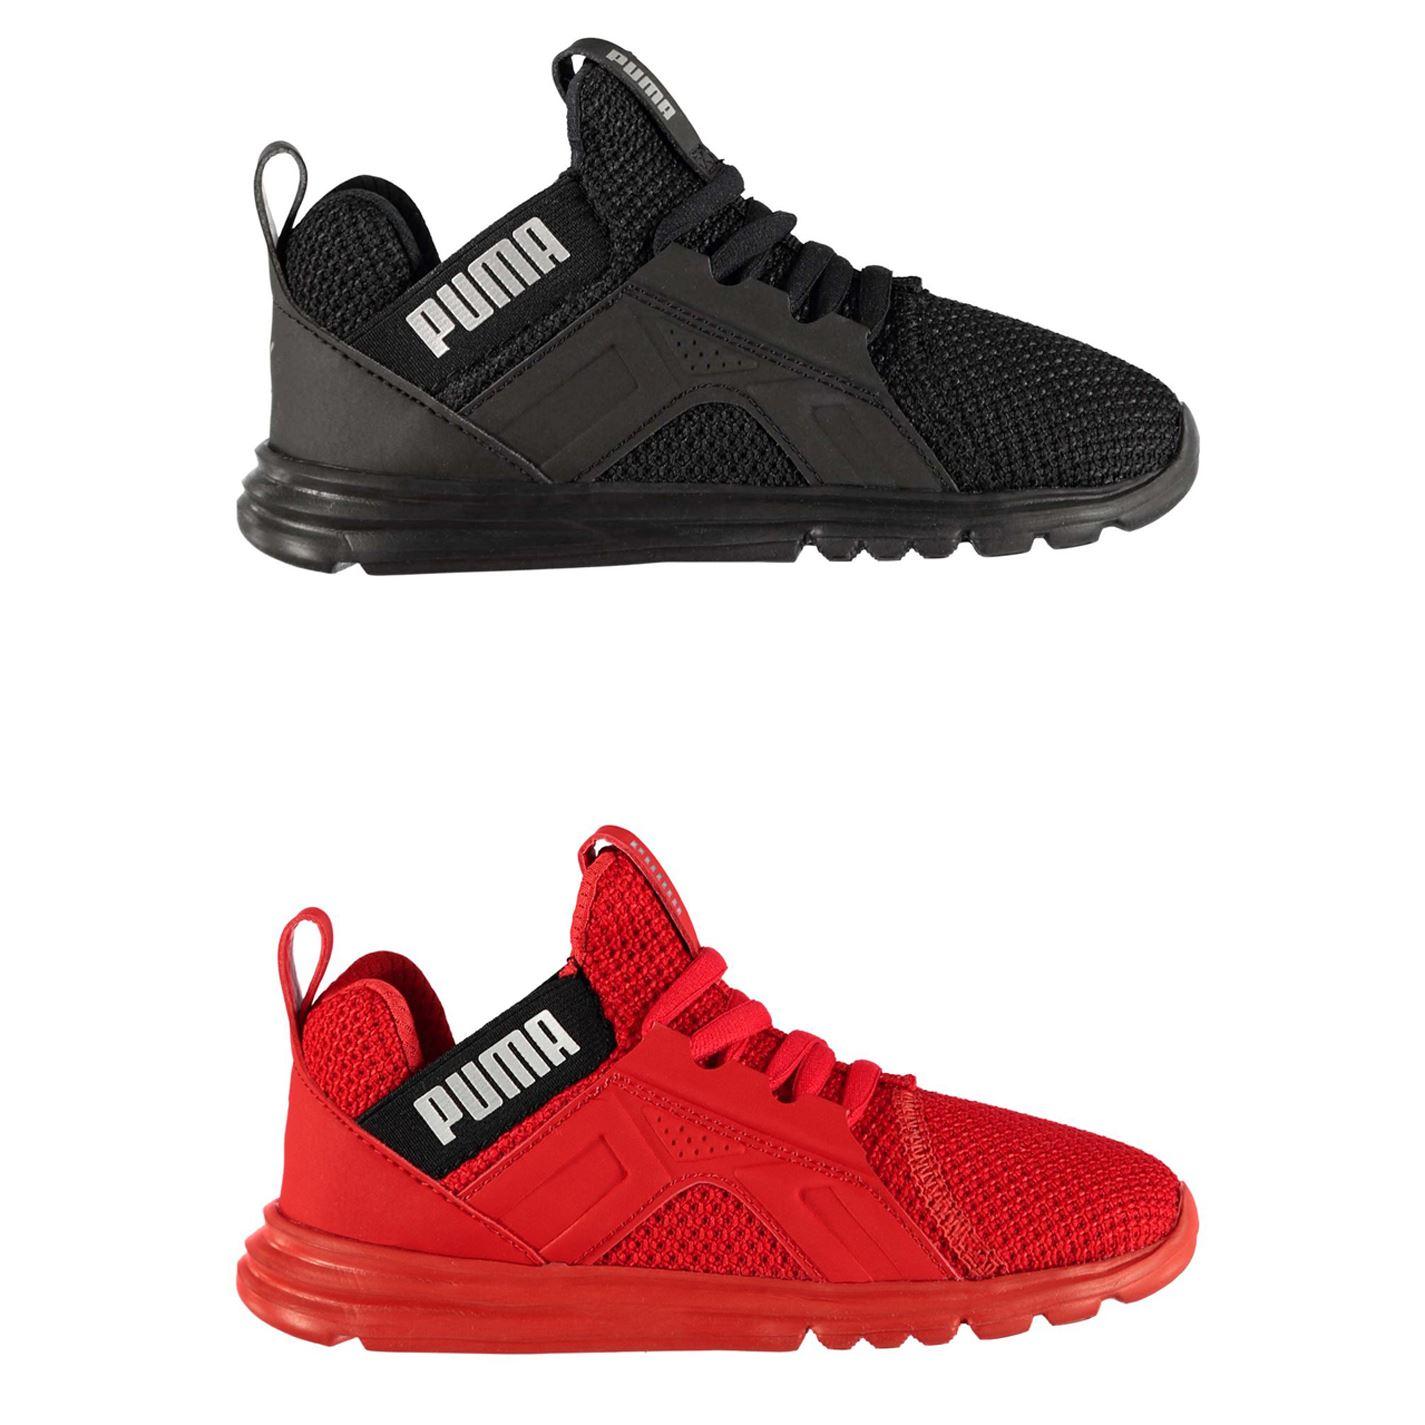 chaussure 29 garcon puma